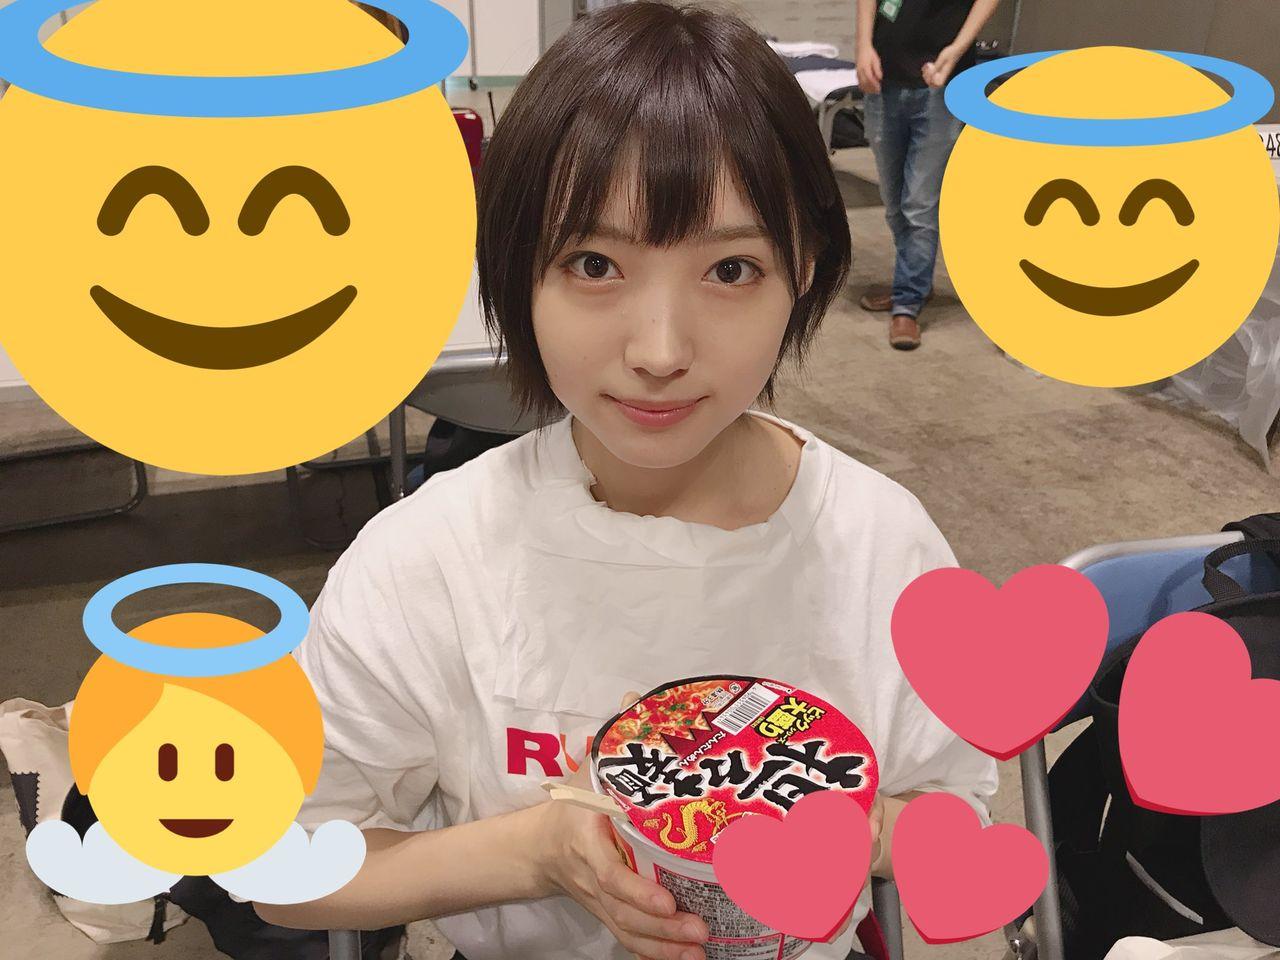 【NMB48】太田夢莉、ビッグ大盛りカップ麺を喰らう